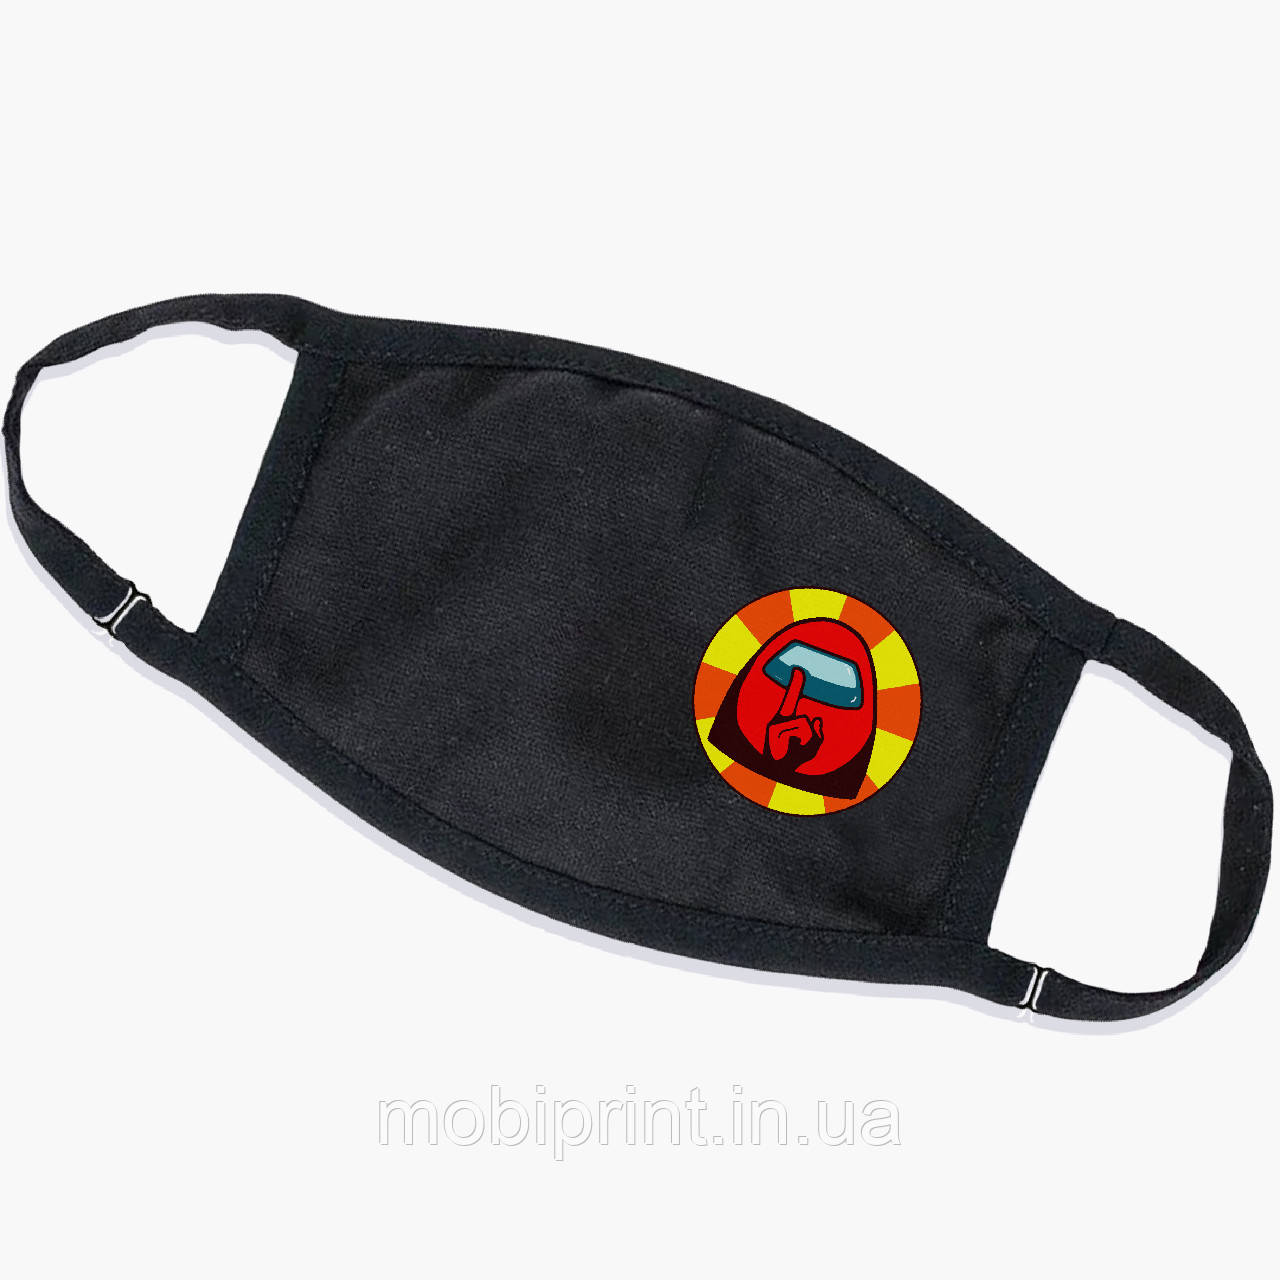 Багаторазова маска Амонг Червоний Ас (Among Us Red) (9259-2412) тканинна для дітей і дорослих захисна